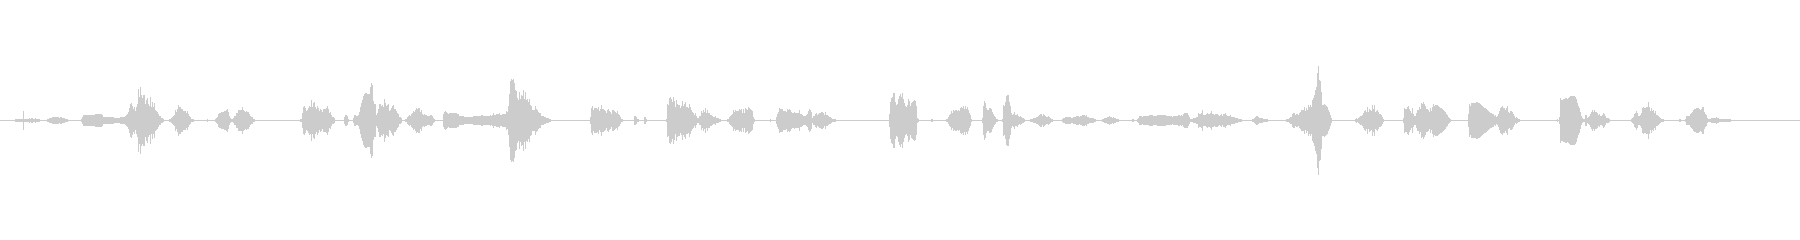 鳴き声 女性のワイン03の未再生の波形